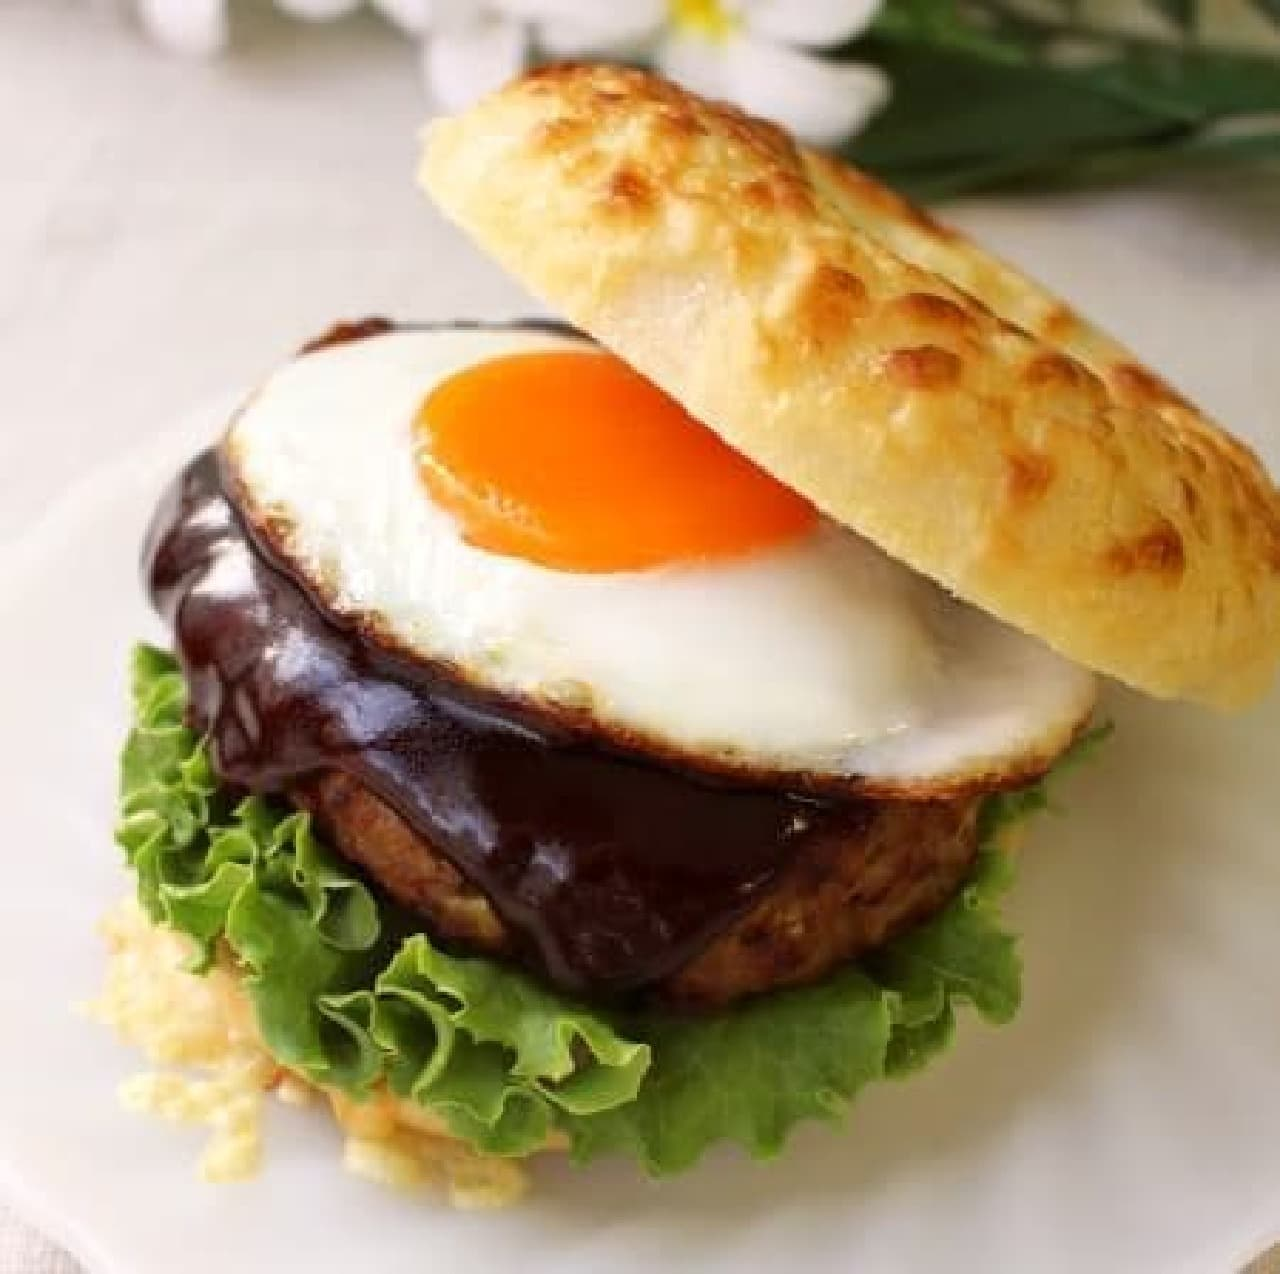 ふわふわハンバーグは一食の価値あり